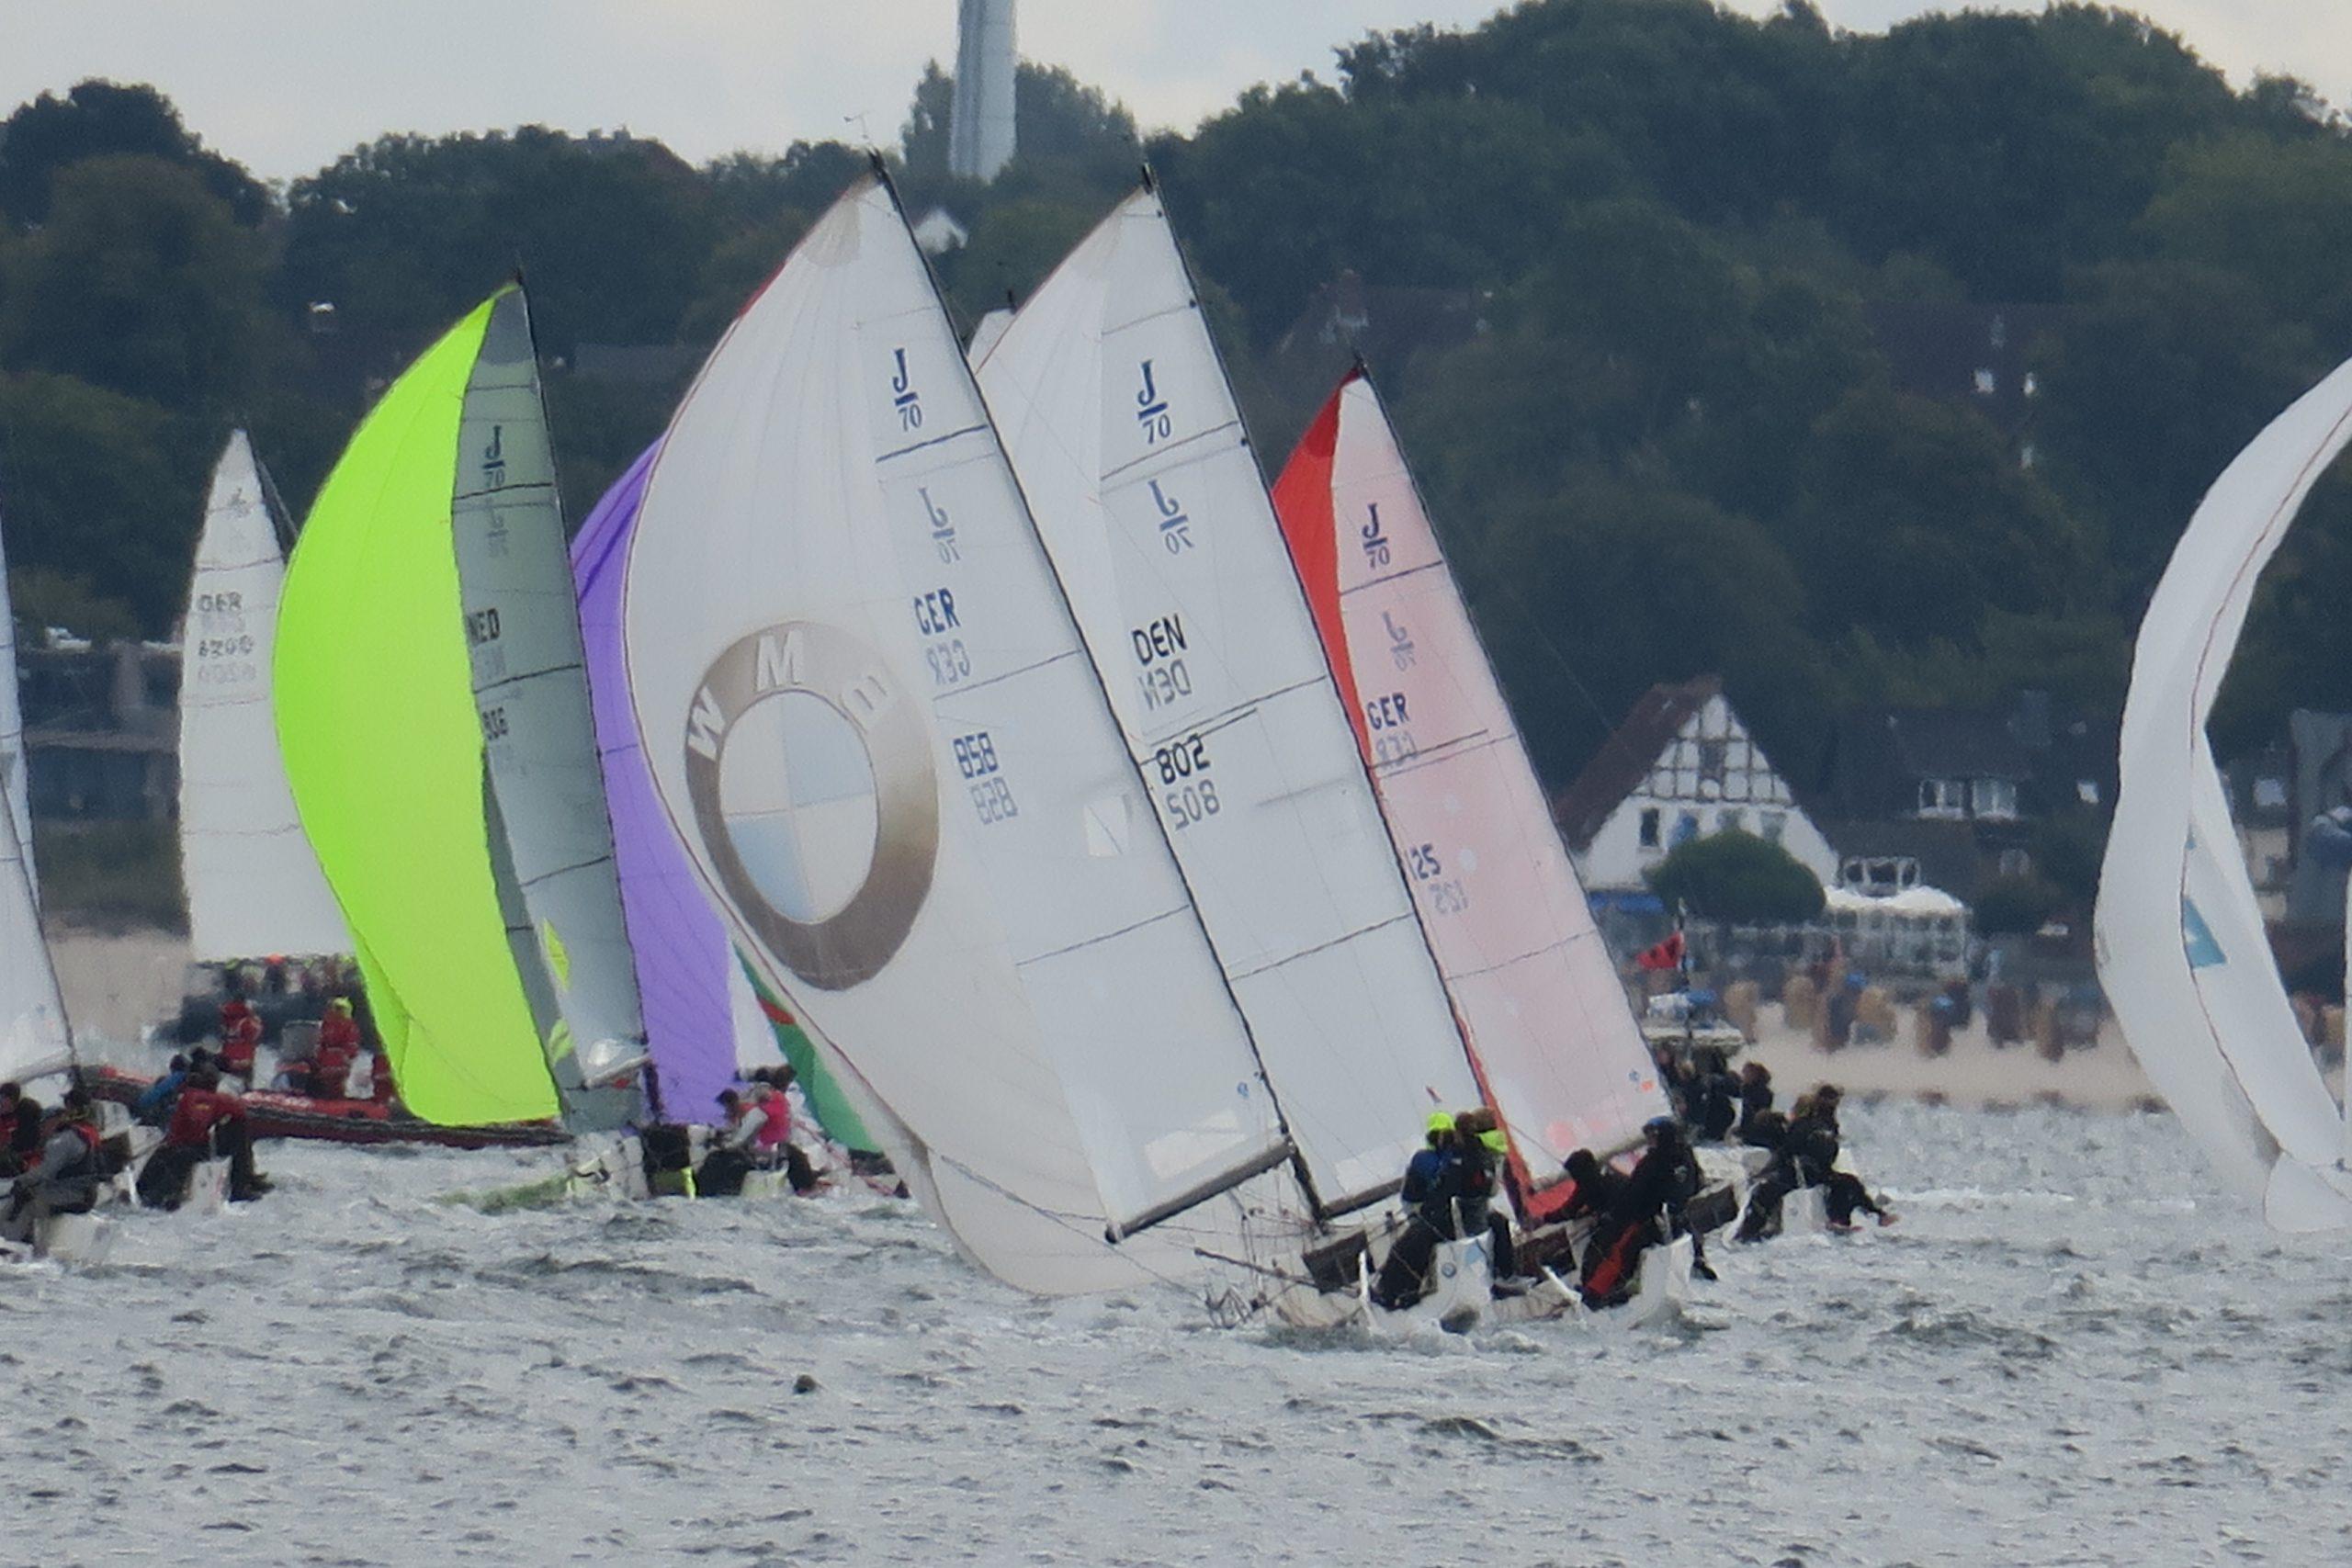 Das Team Tabea Mittmann (Steuerfrau), Crispin Bodenhausen, Aike Braje und Gerrit Balzer mit der J70 Rennyacht (Nr. 858) des SCM bei der KIELER WOCHE 2020 auf dem Halbwindkurs